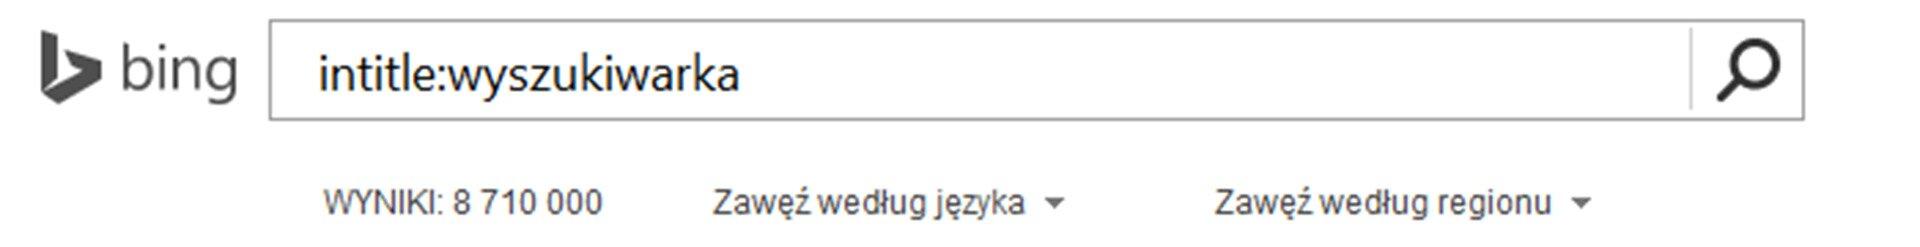 Zrzut paska wyszukiwarki Bing zwpisanym tekstem oraz Intitle